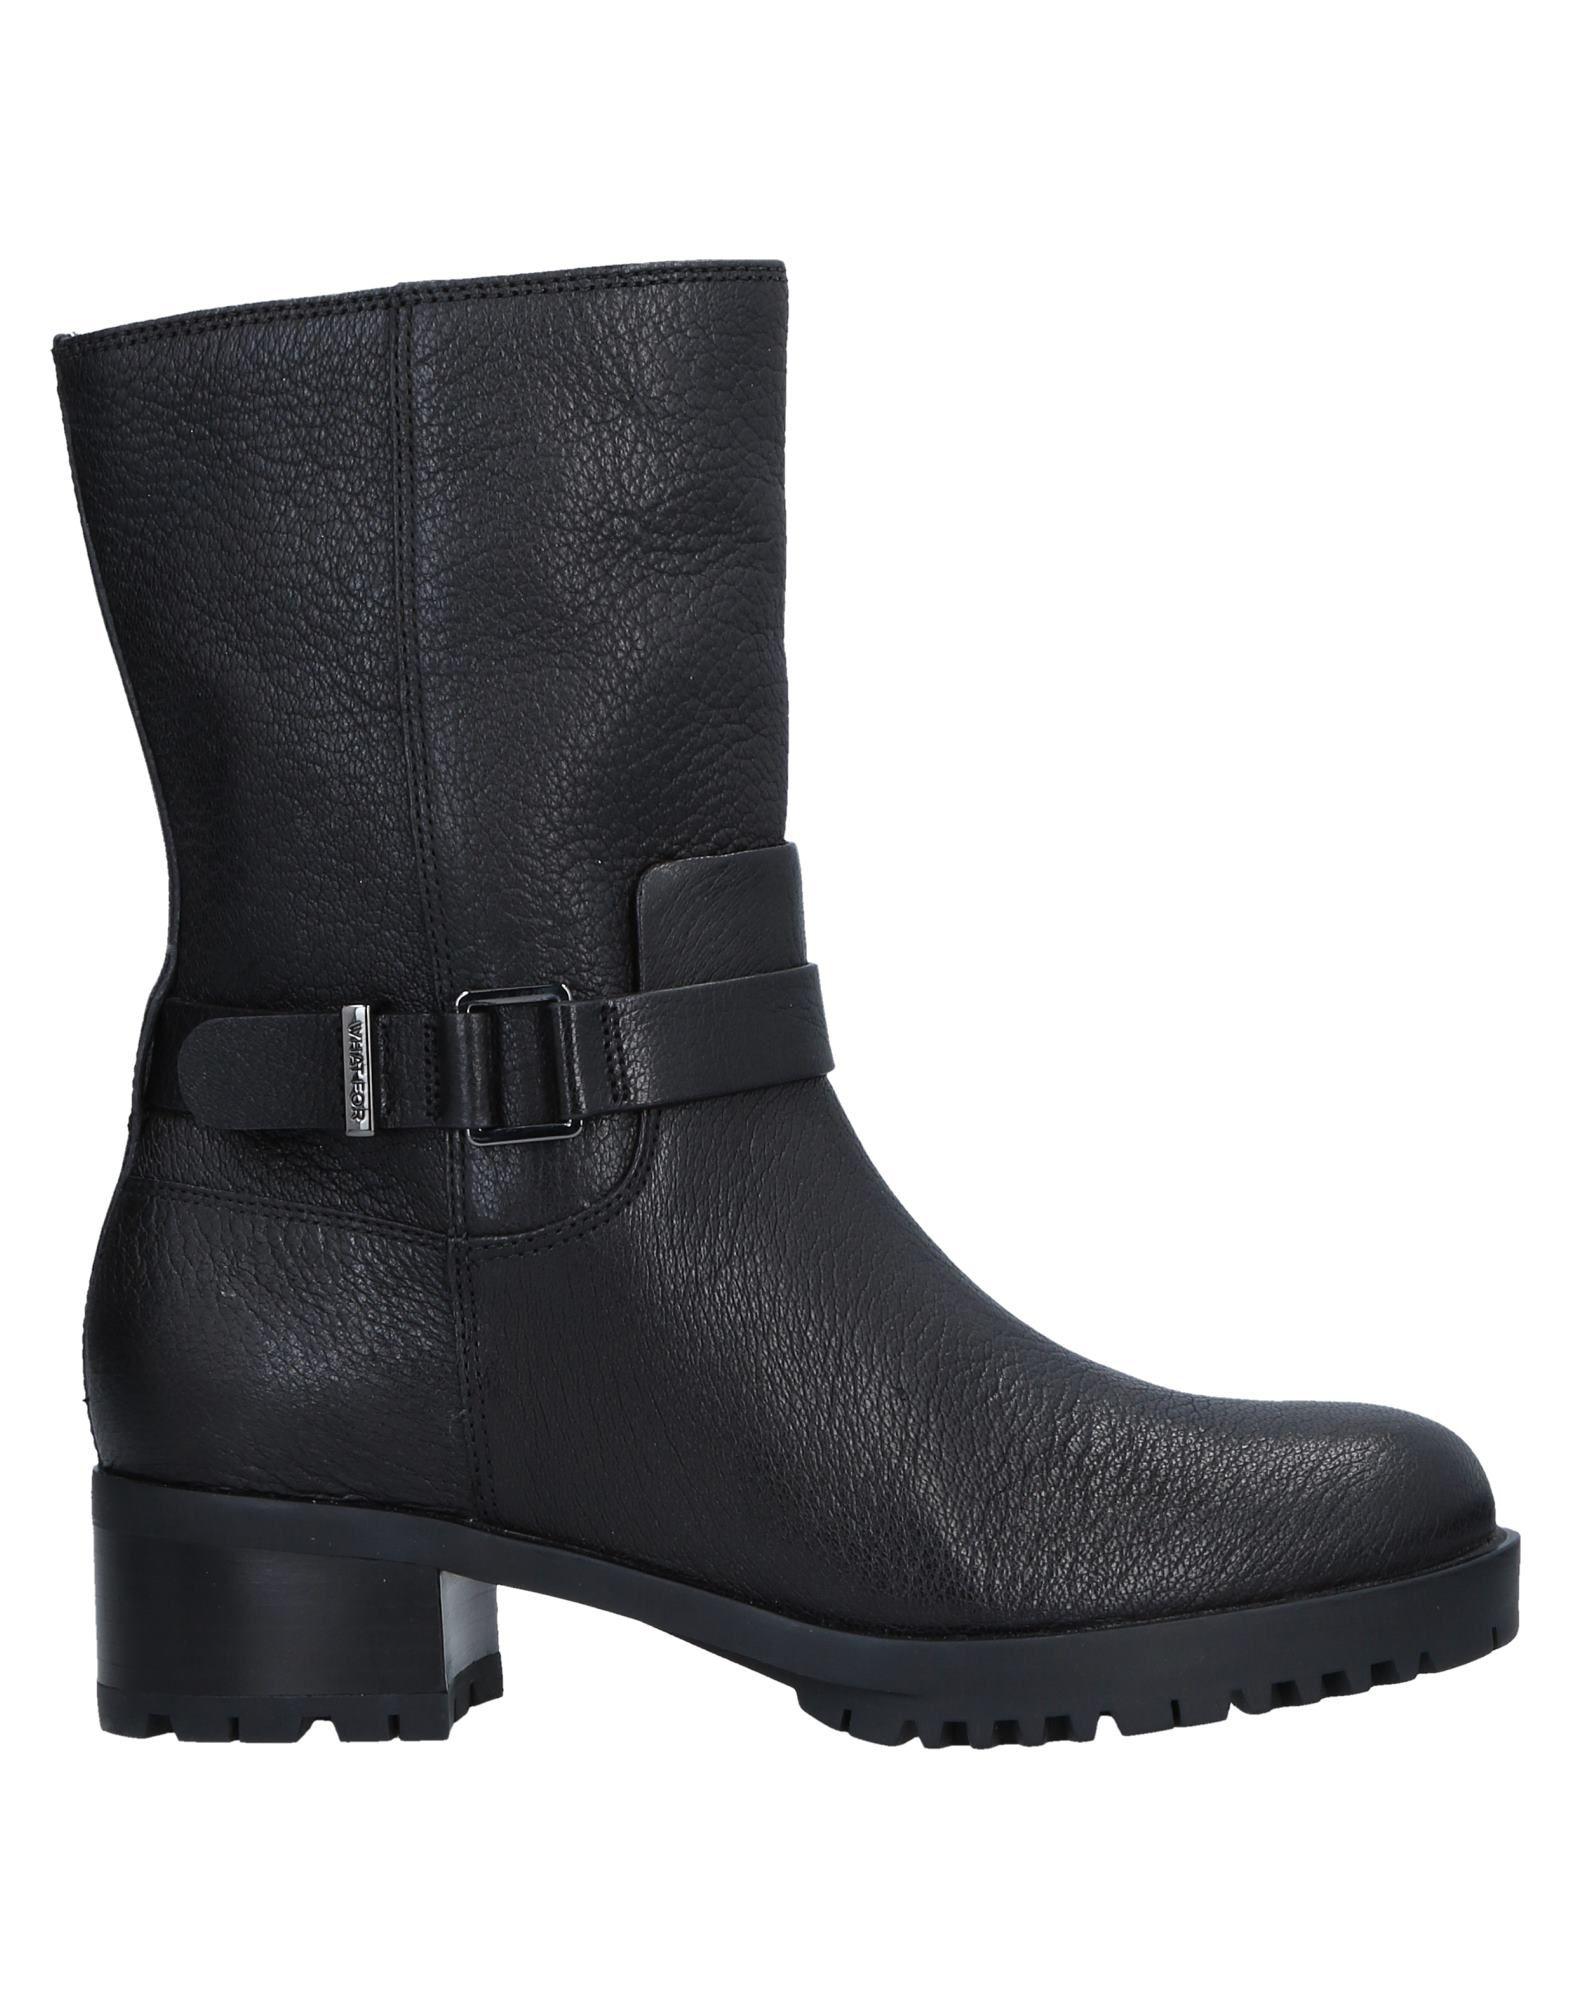 Sneakers Nike Uomo - 11276409HN Scarpe economiche e buone